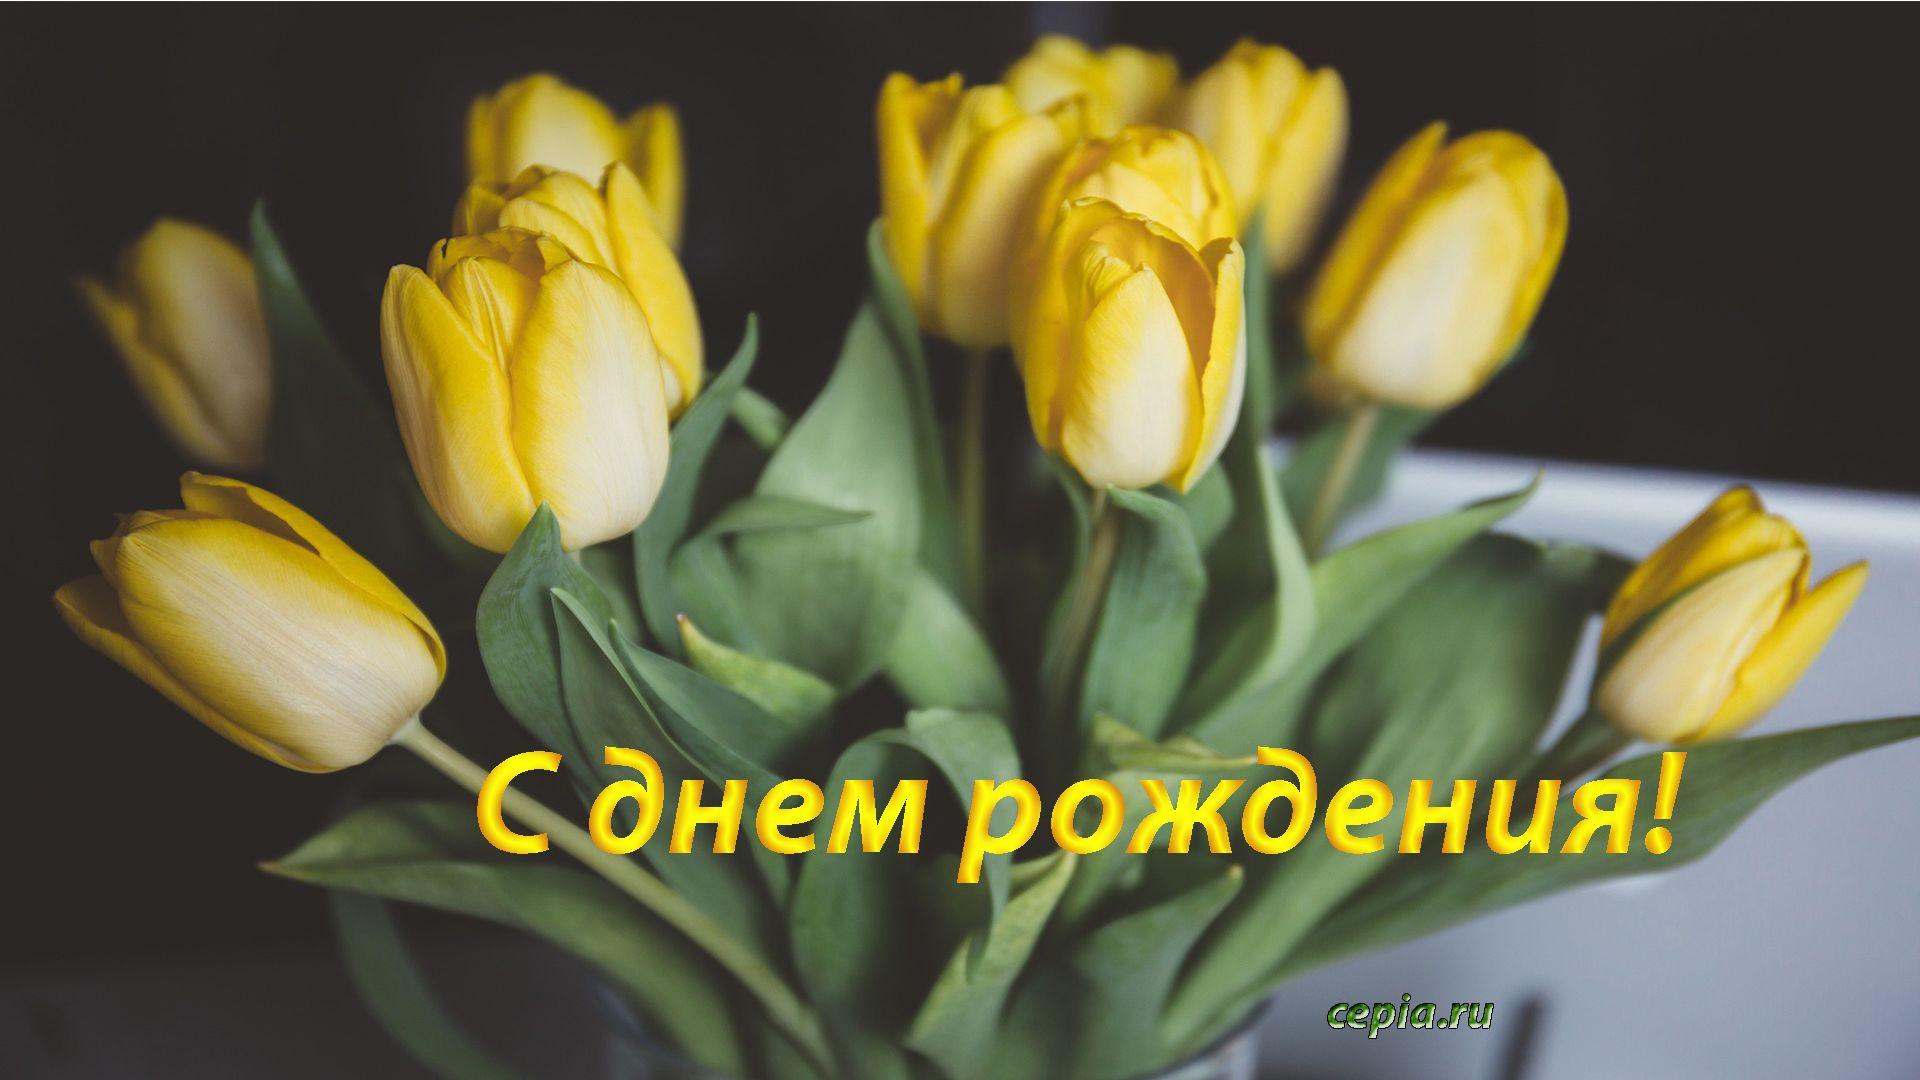 Поздравление С Днем рождения - нежные тюльпаны